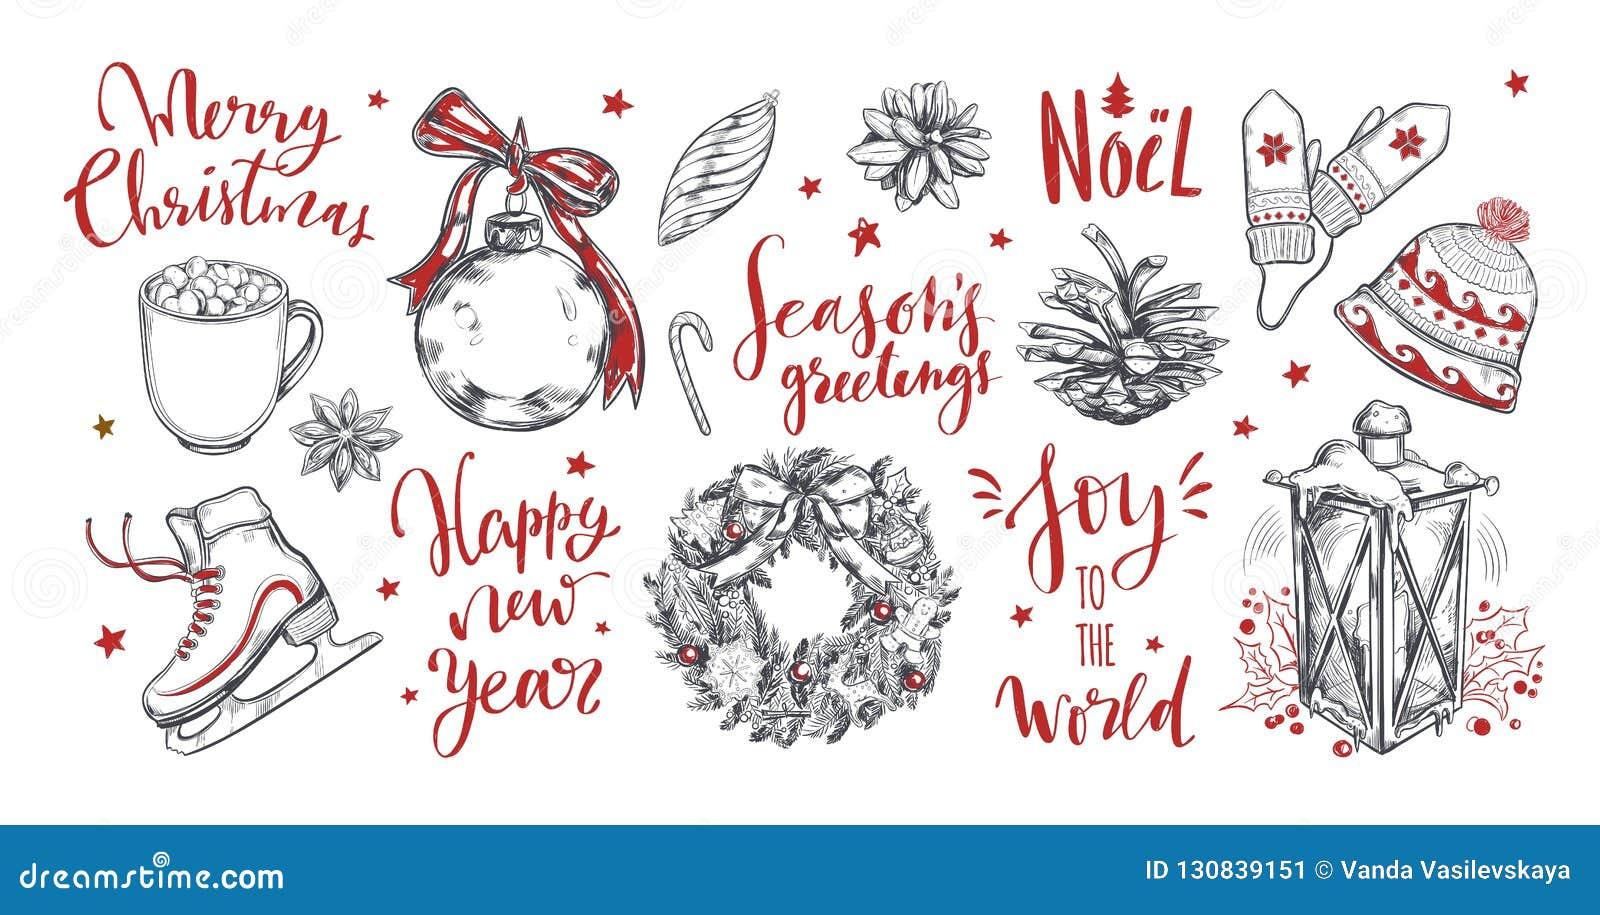 Parole Di Buon Natale.Parole Del Nuovo Anno E Di Buon Natale Con Gli Elementi D